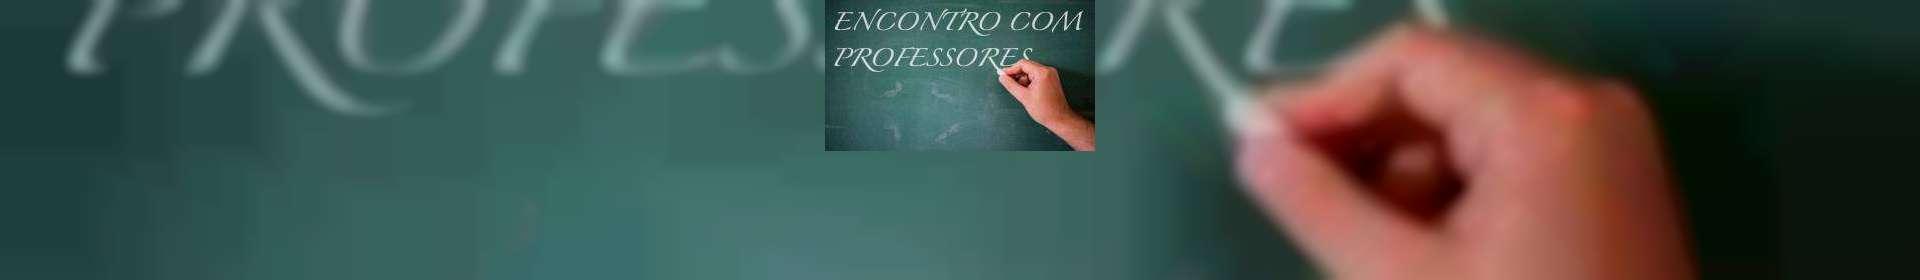 Introdução às Parábolas do Reino - Encontro com Professores